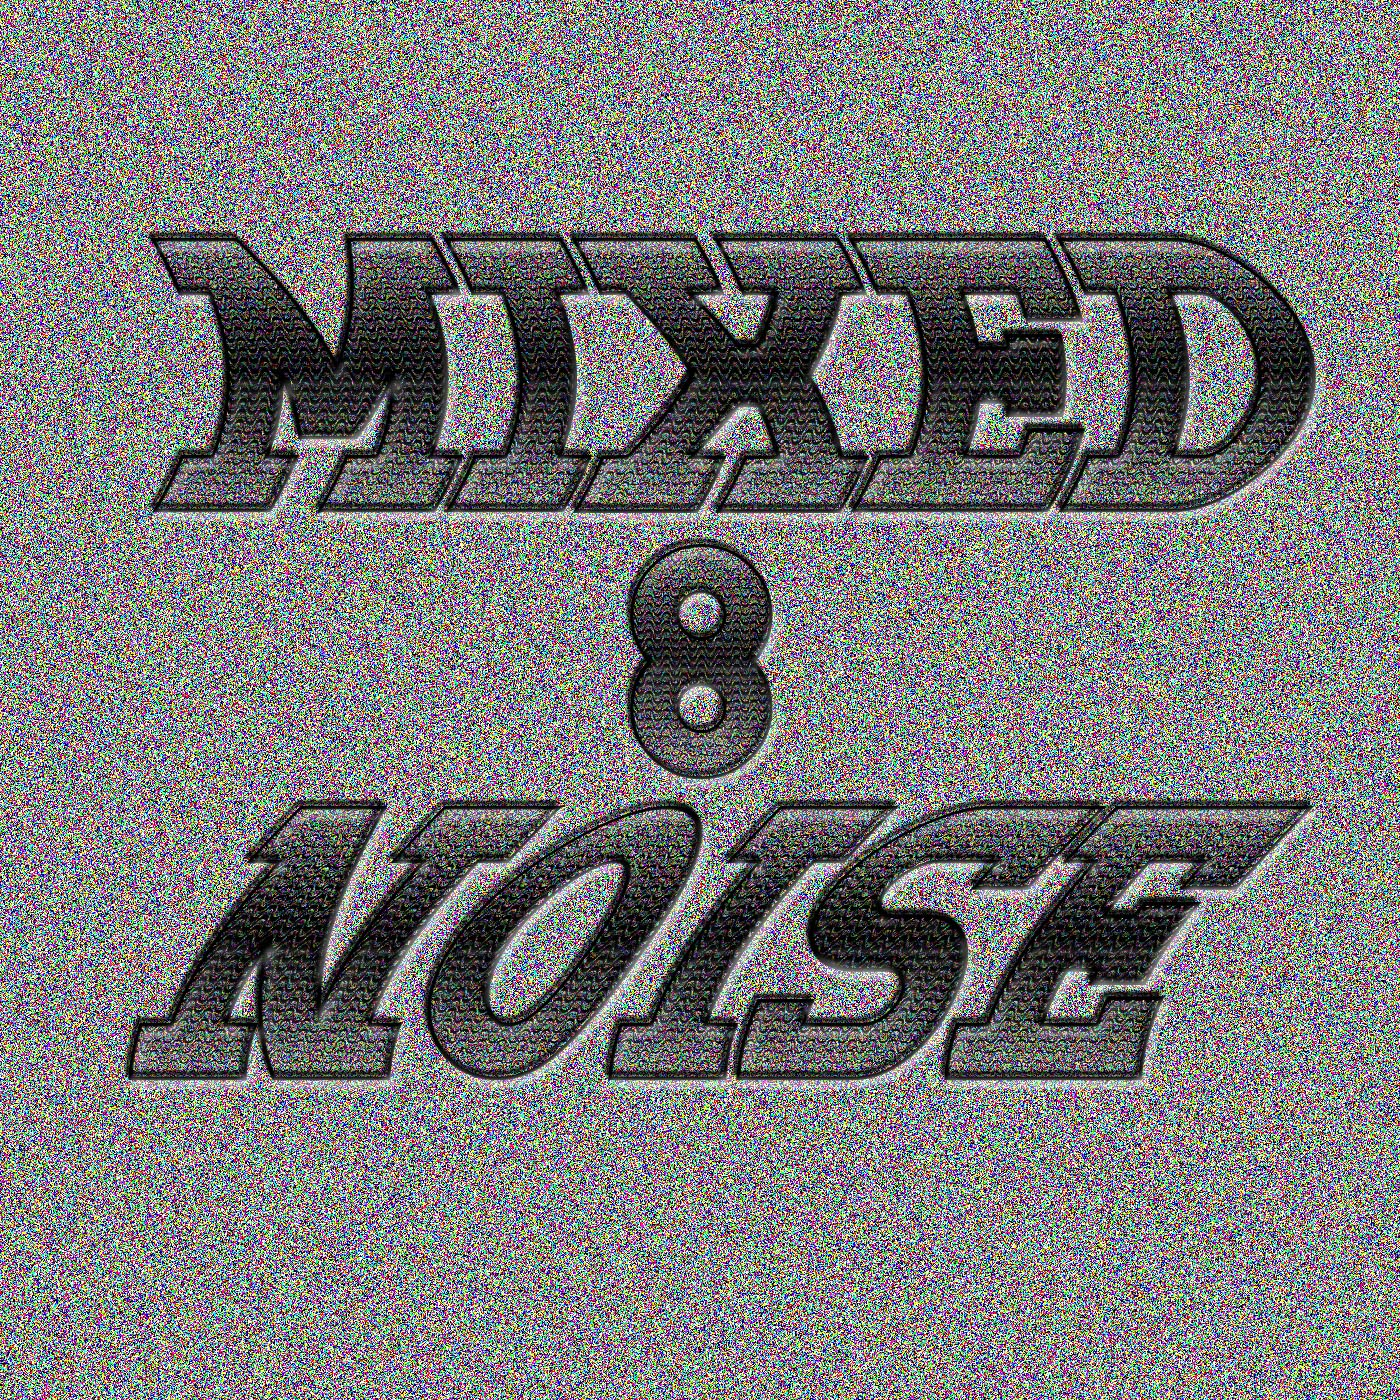 mixednoiselogo8